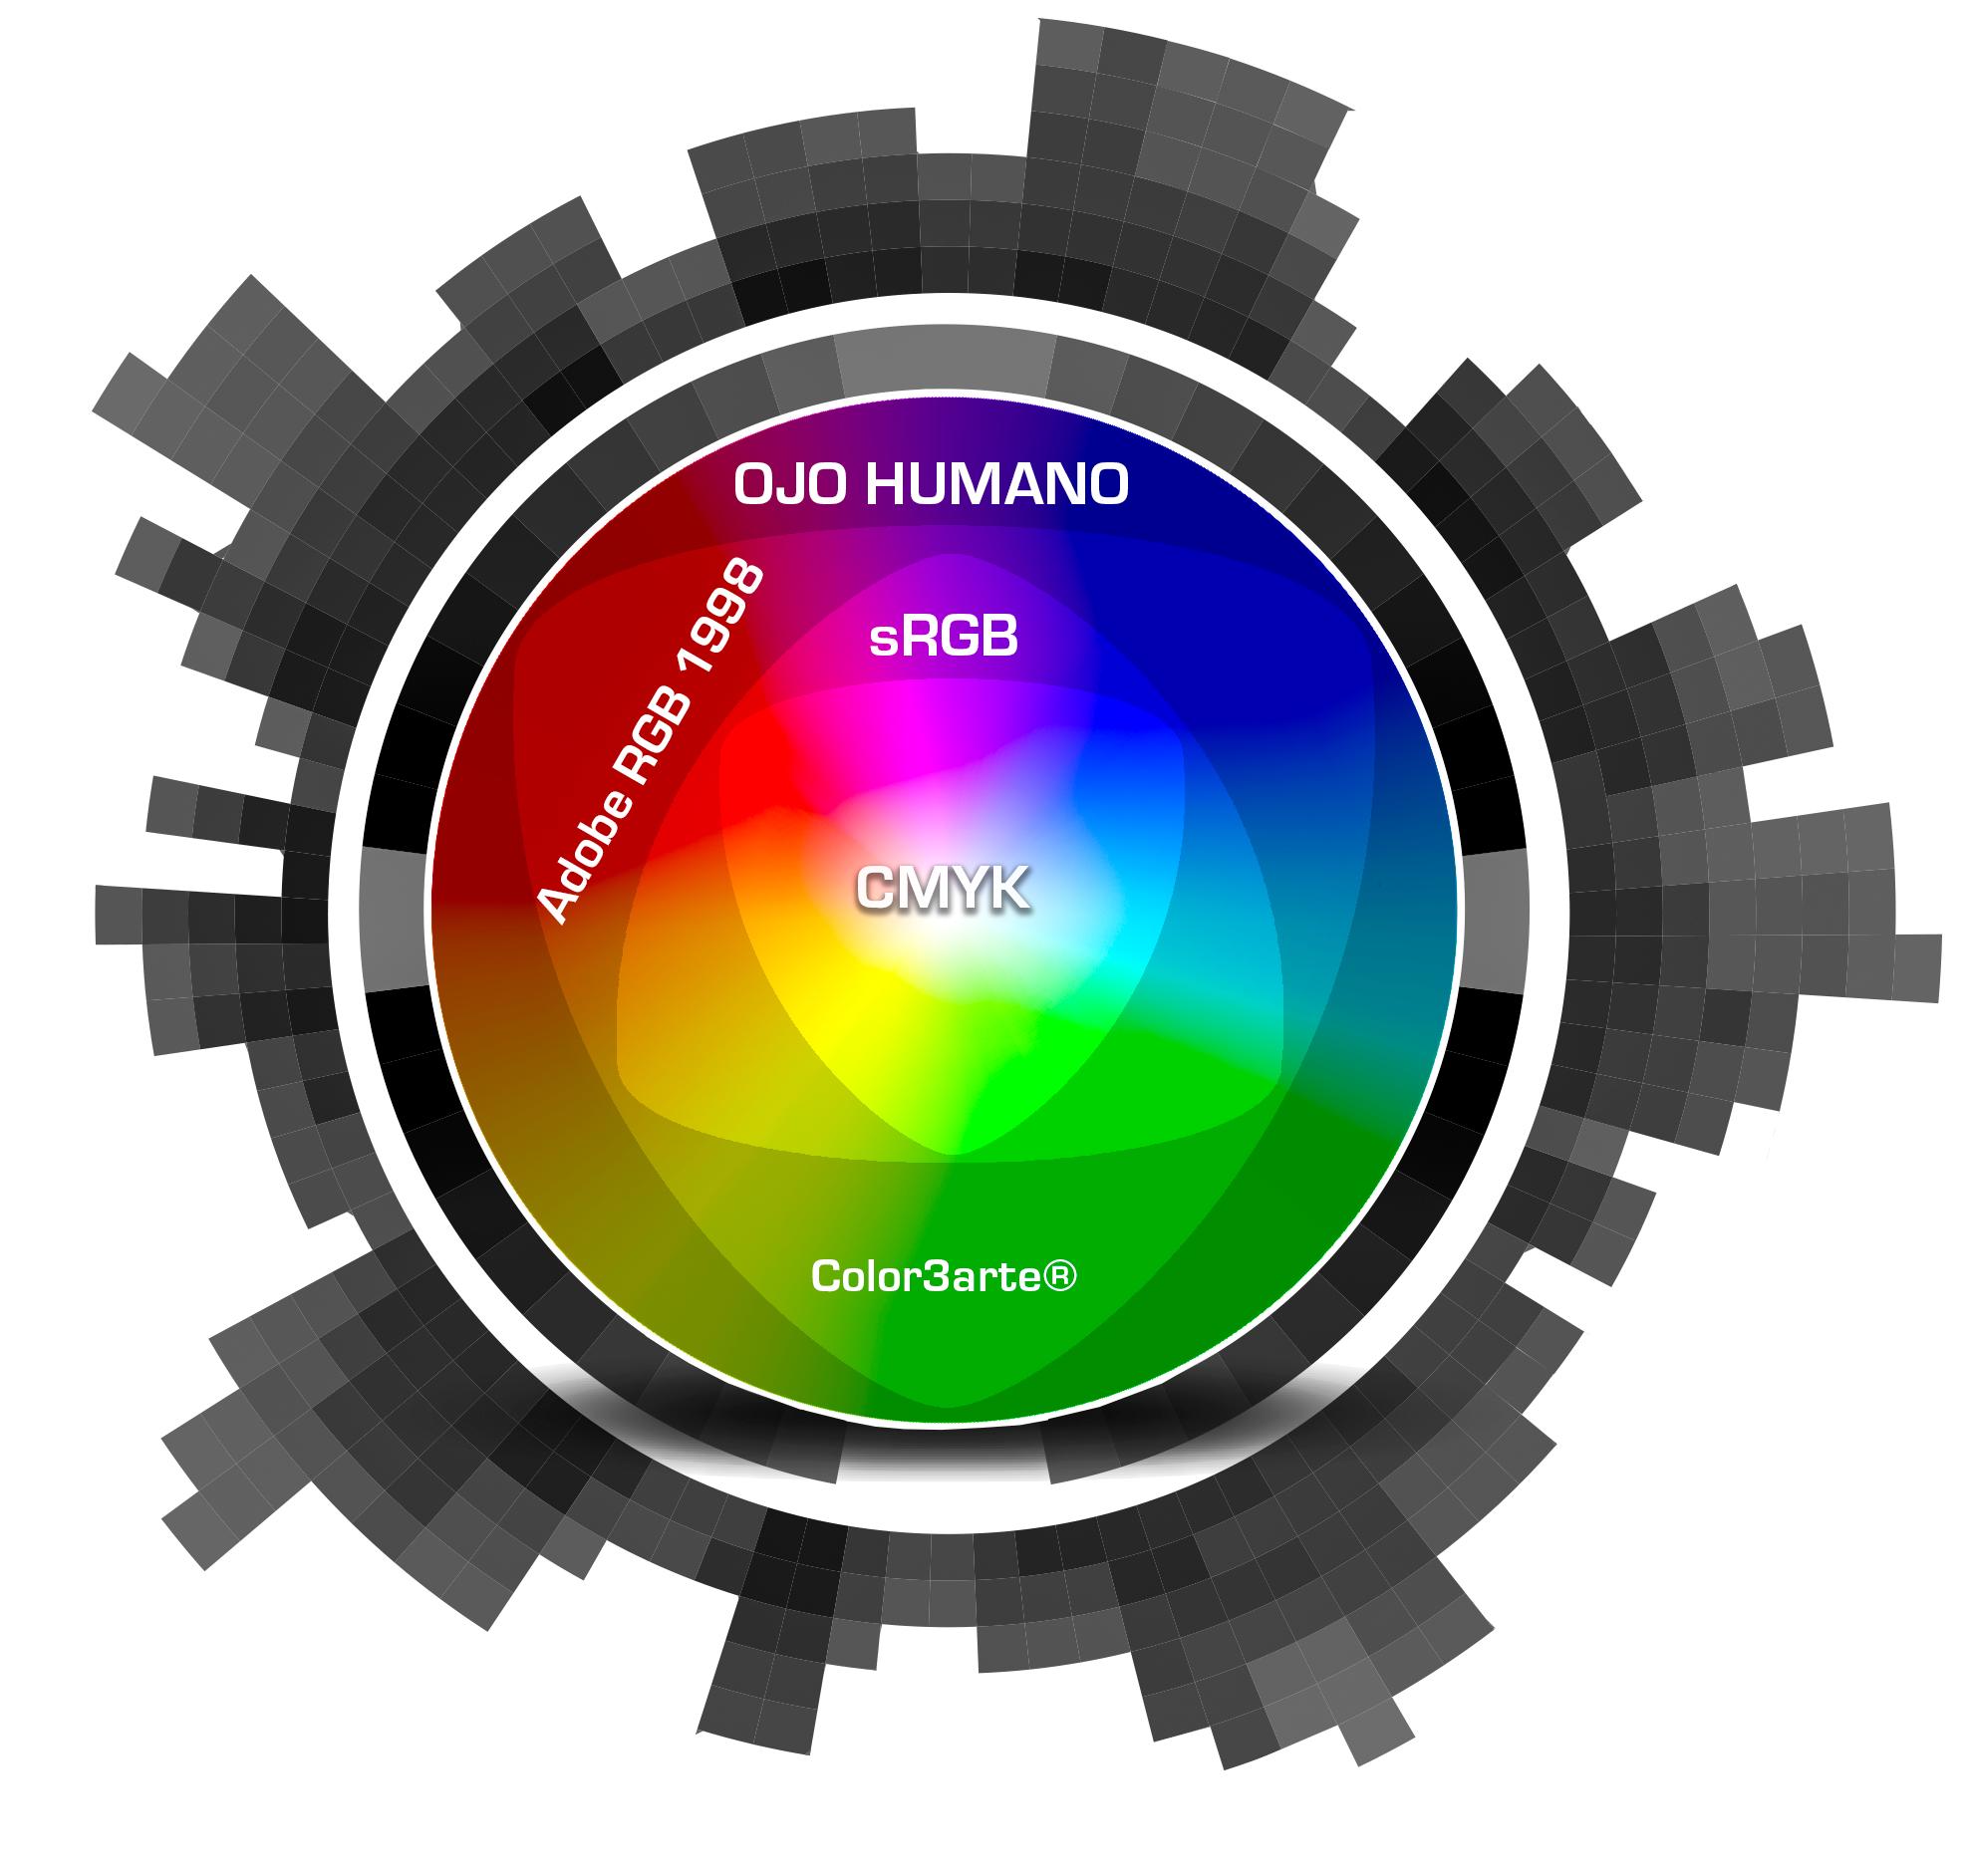 Guía de impresión Fine Art para Fotógrafos e Ilustradores de Color3arte®